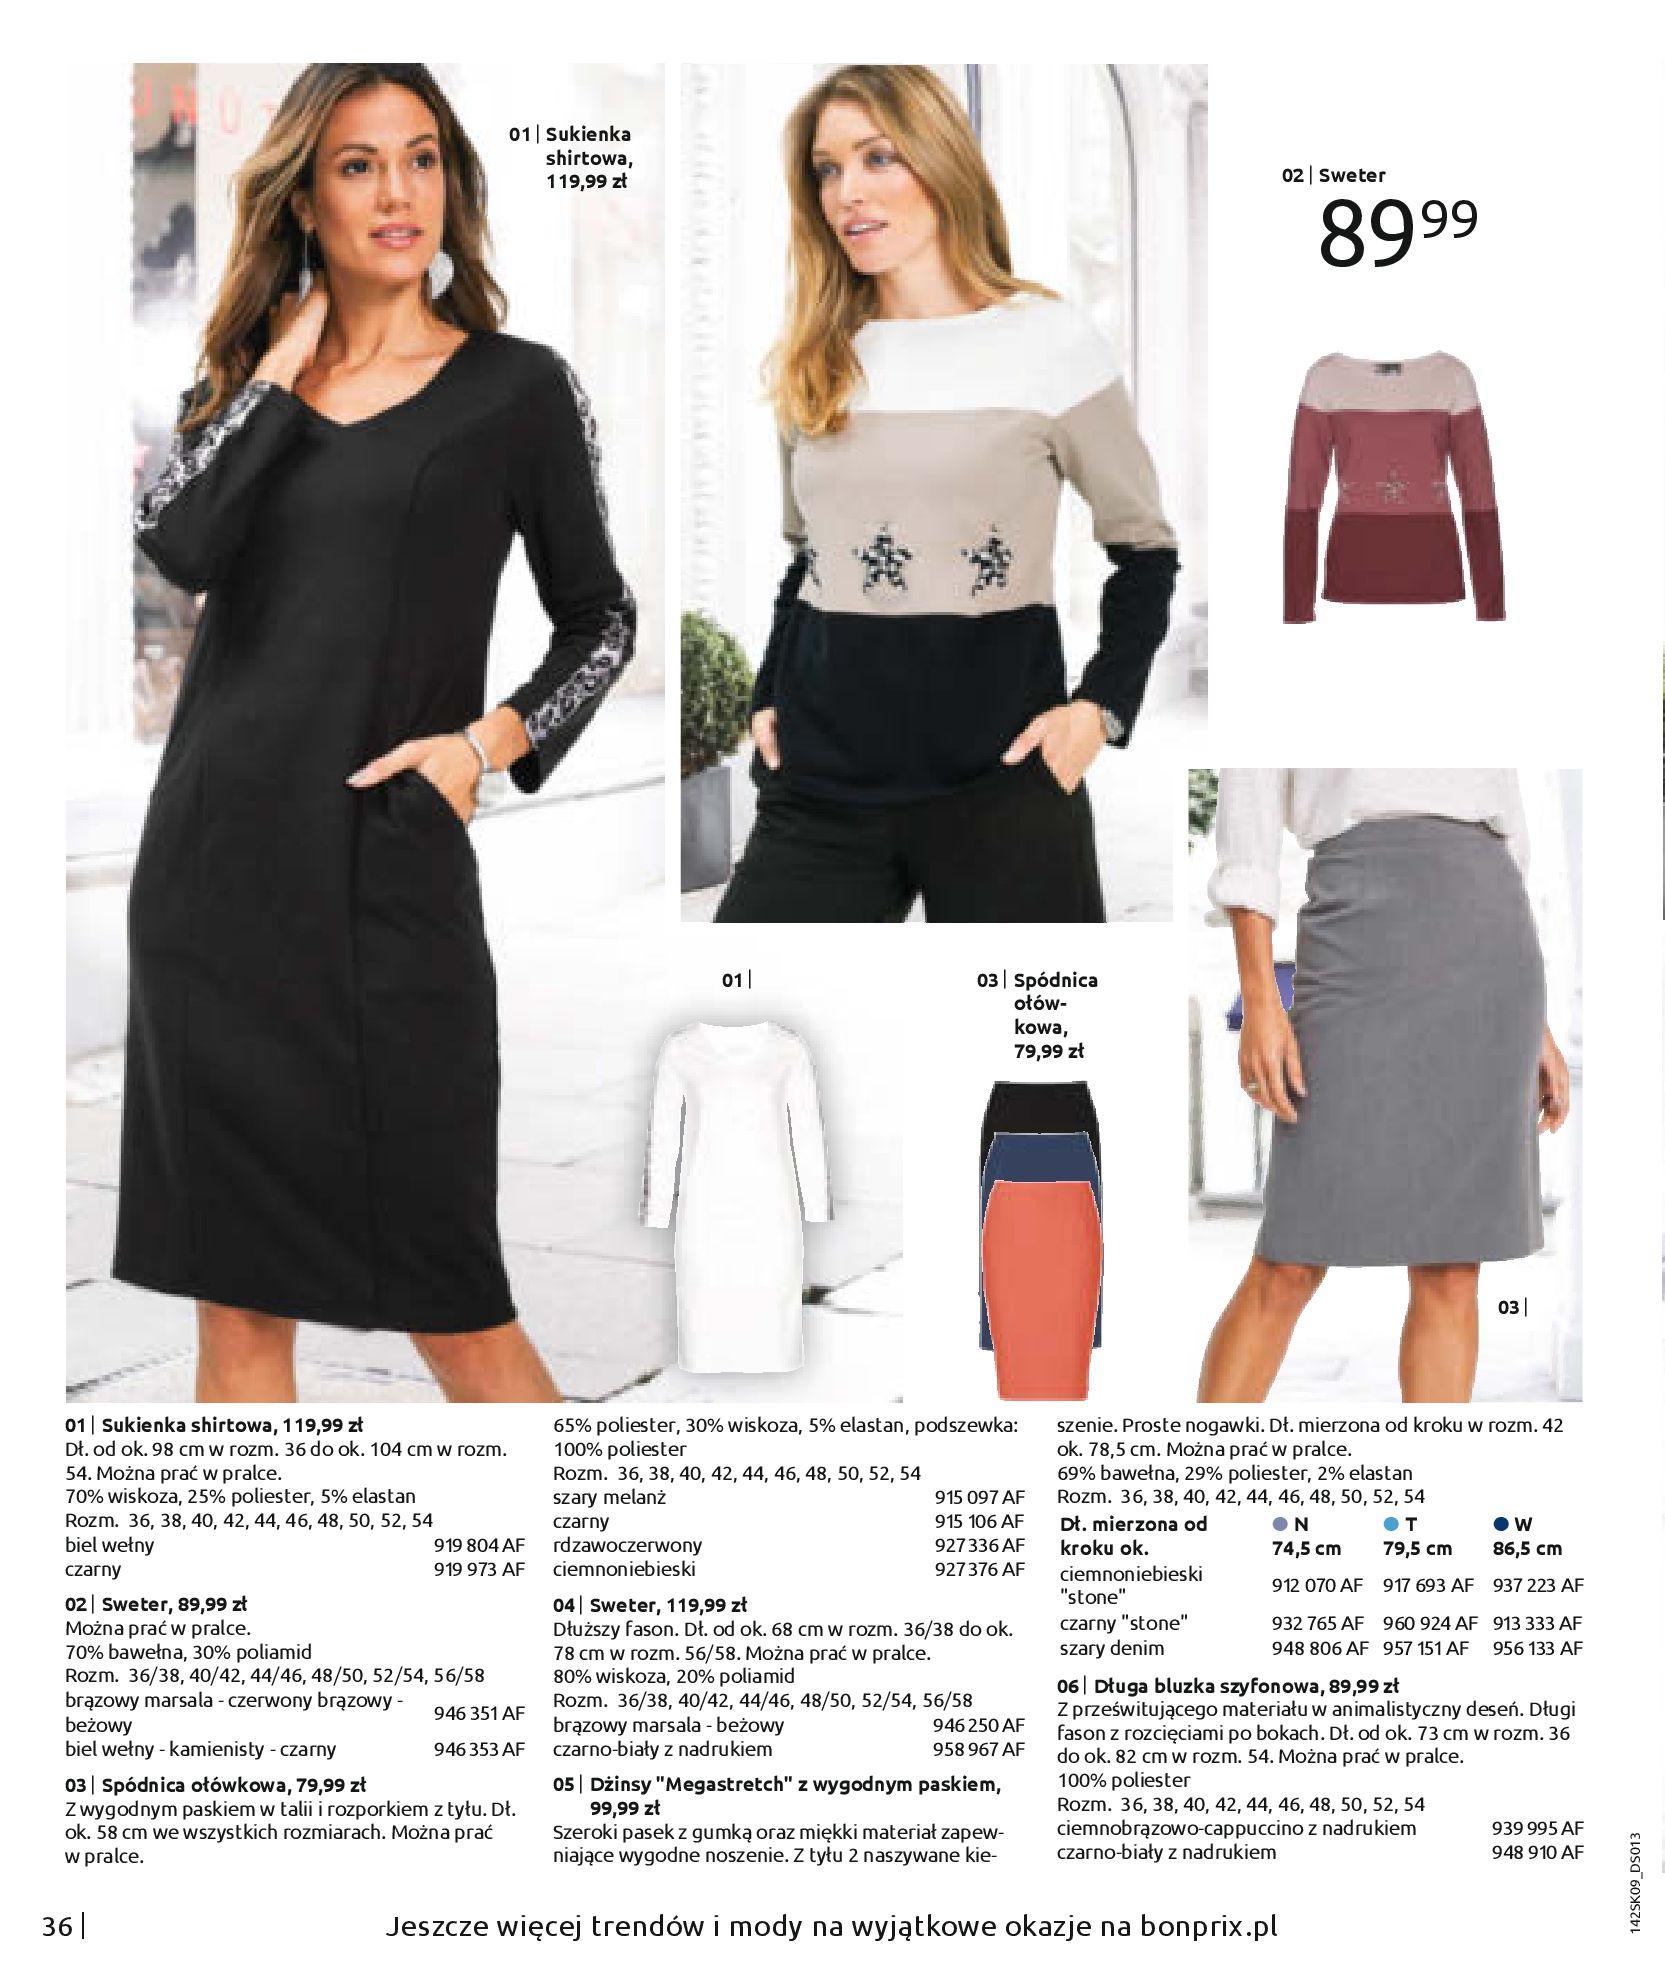 Gazetka Bonprix - Jesienny look-31.08.2020-28.02.2021-page-38